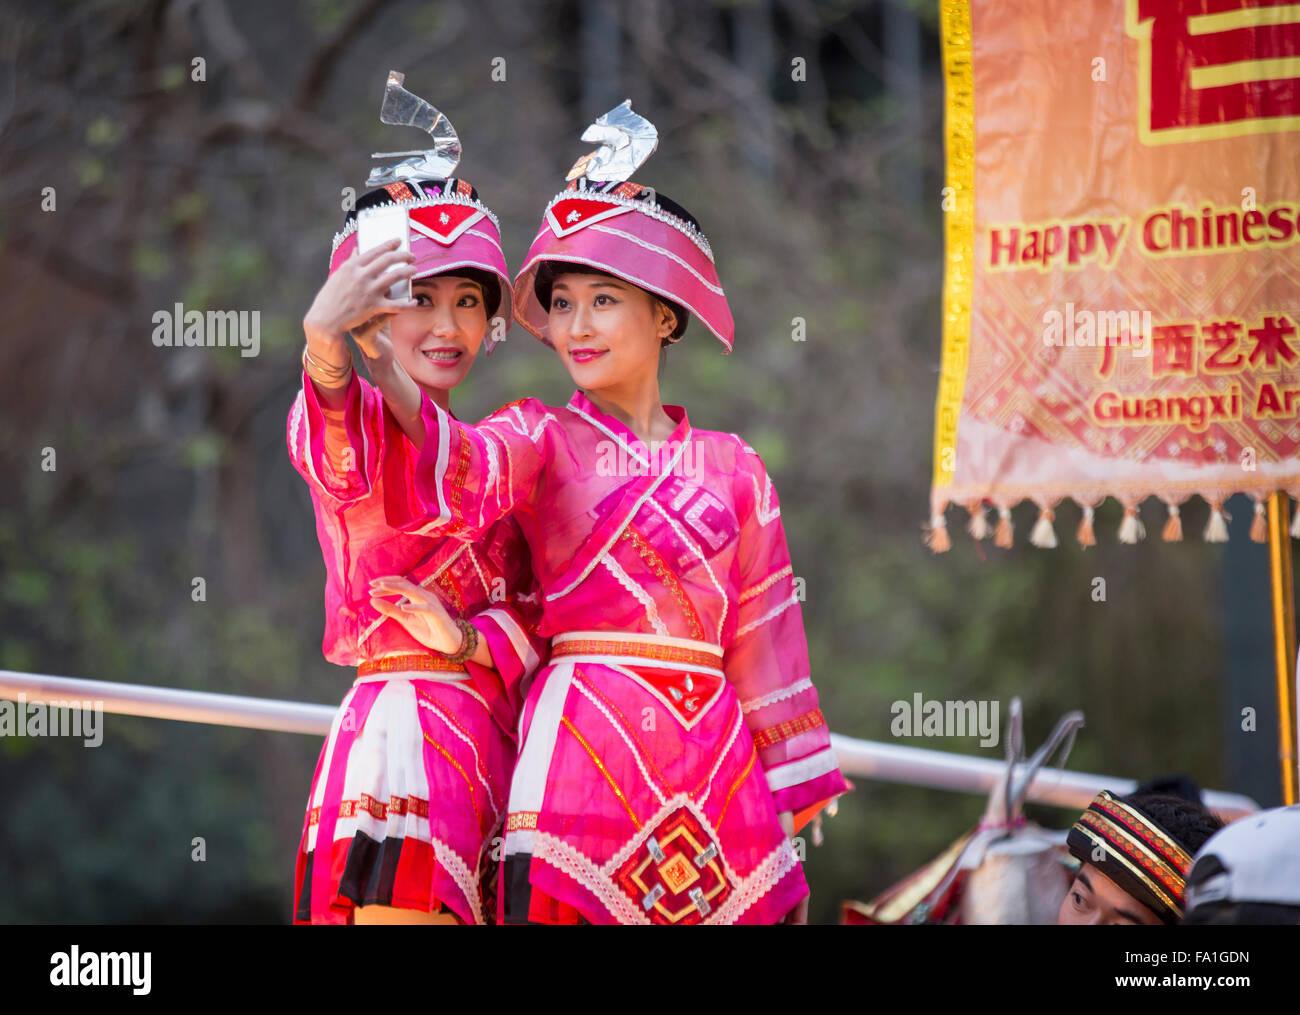 Les femmes chinois vêtus de costumes colorés en tenant un flotteur en haut selfies San Francisco défilé Photo Stock